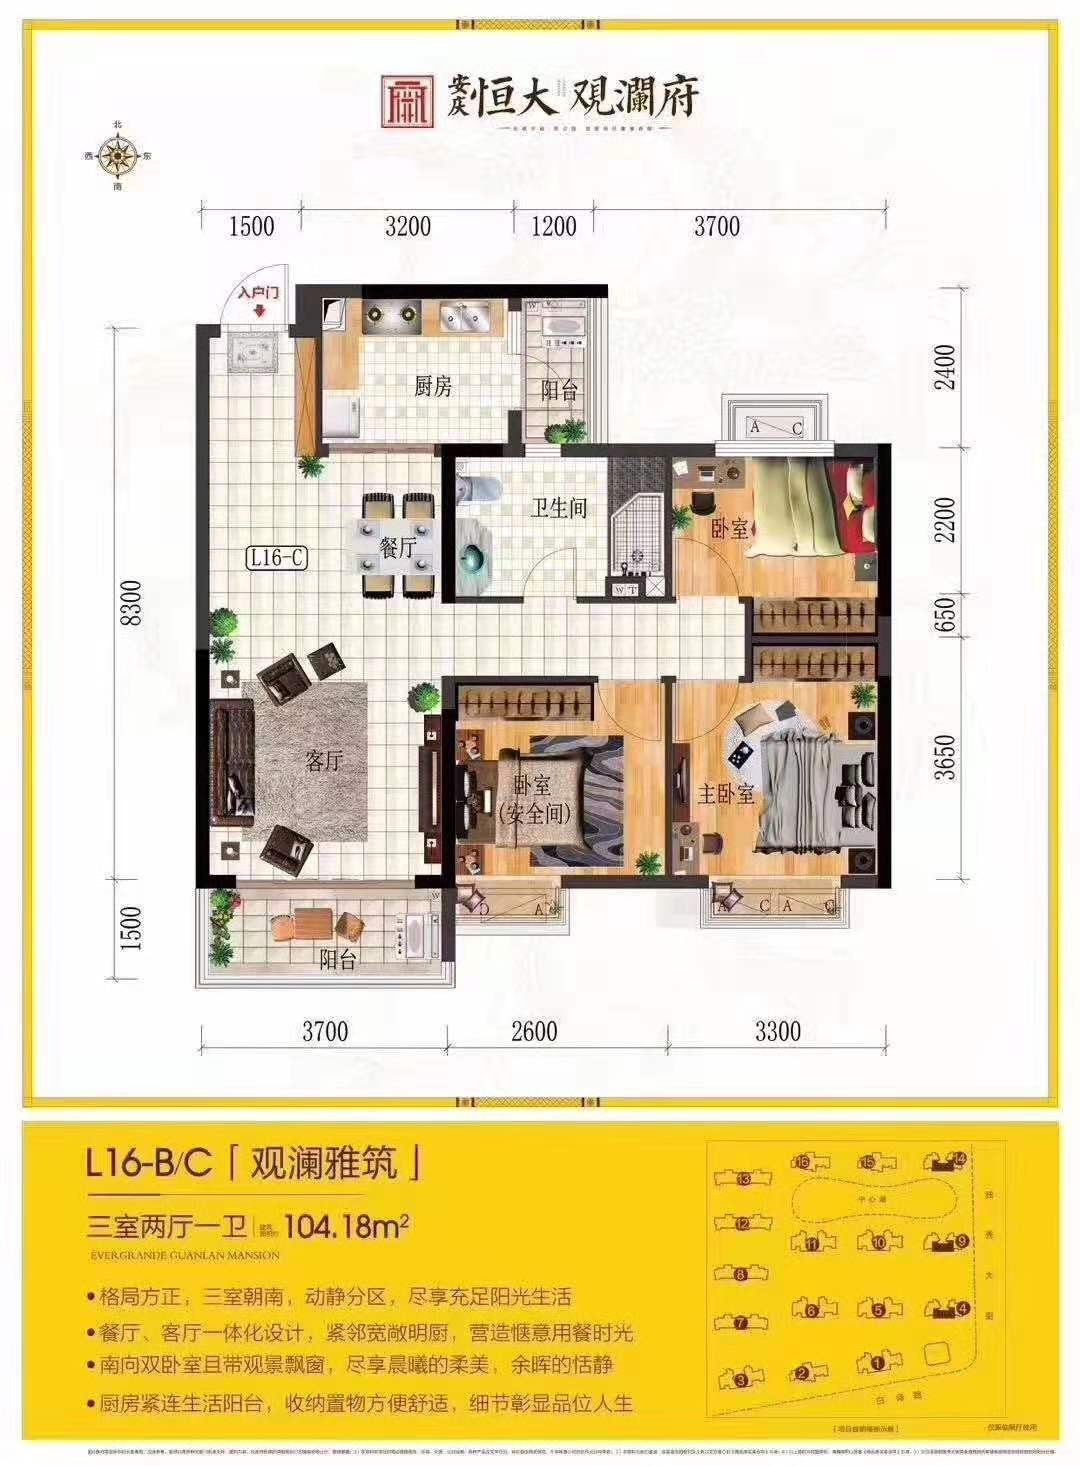 L16-B/C户型 3室2厅1卫 104.18㎡